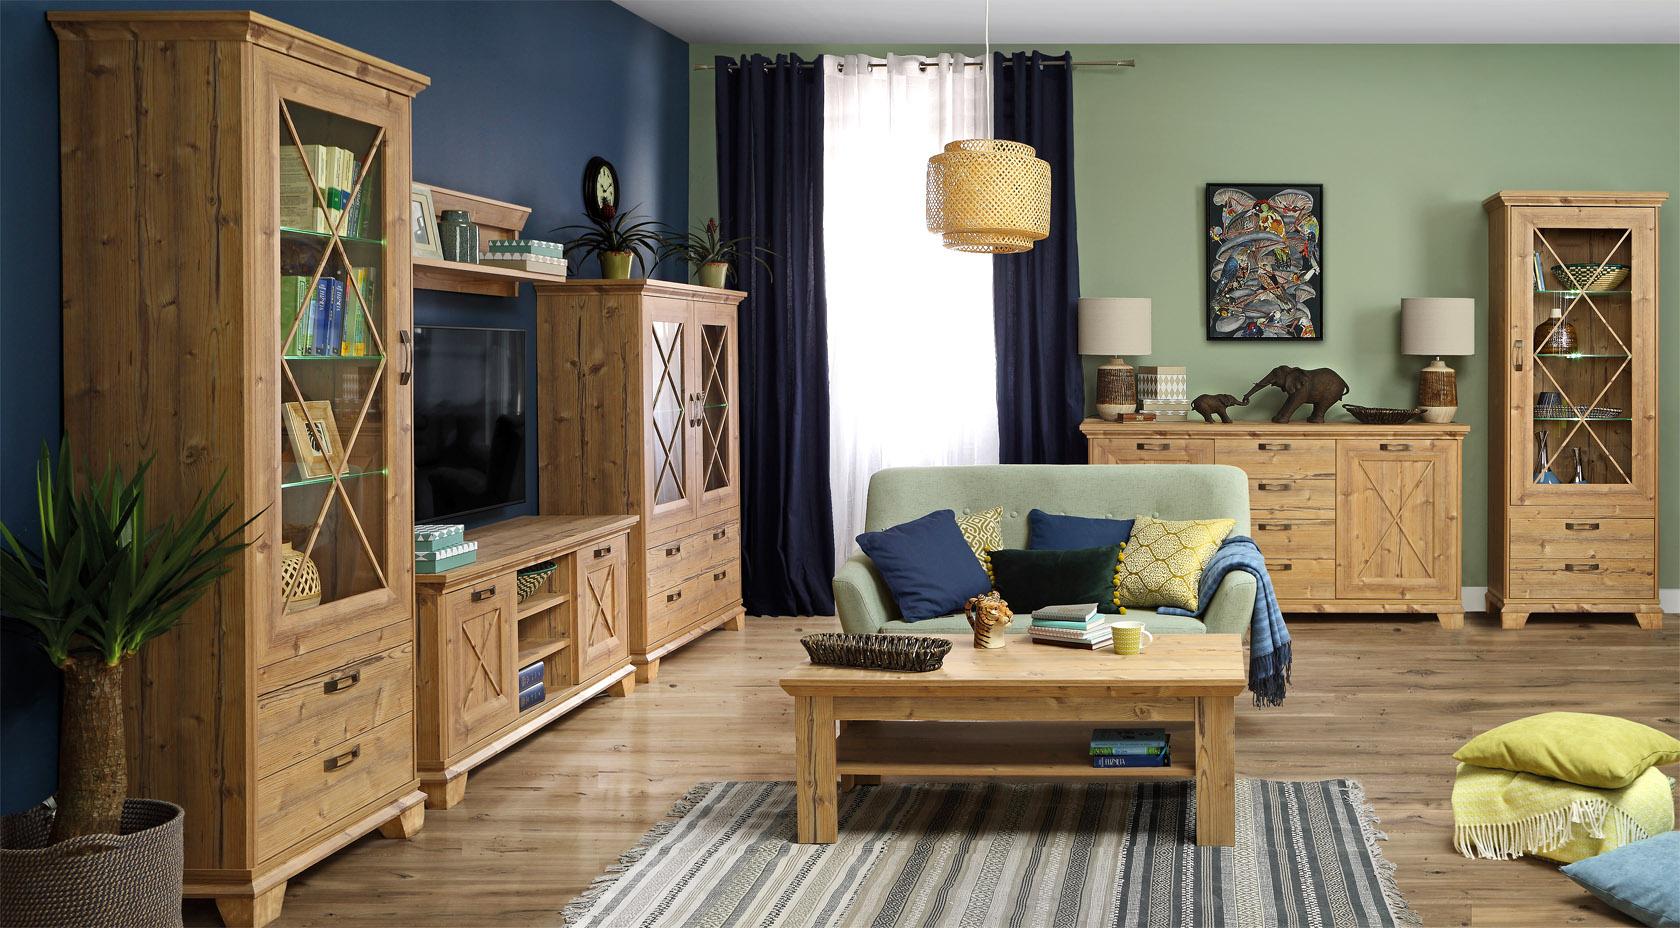 e86d9b94e Originálny sektorový nábytok Nepal v úžasnom farebnom prevedení smrek  bramberg bude neprehliadnuteľnou súčasťou Vašej domácnosti. Elegantné lišty  a nádherný ...